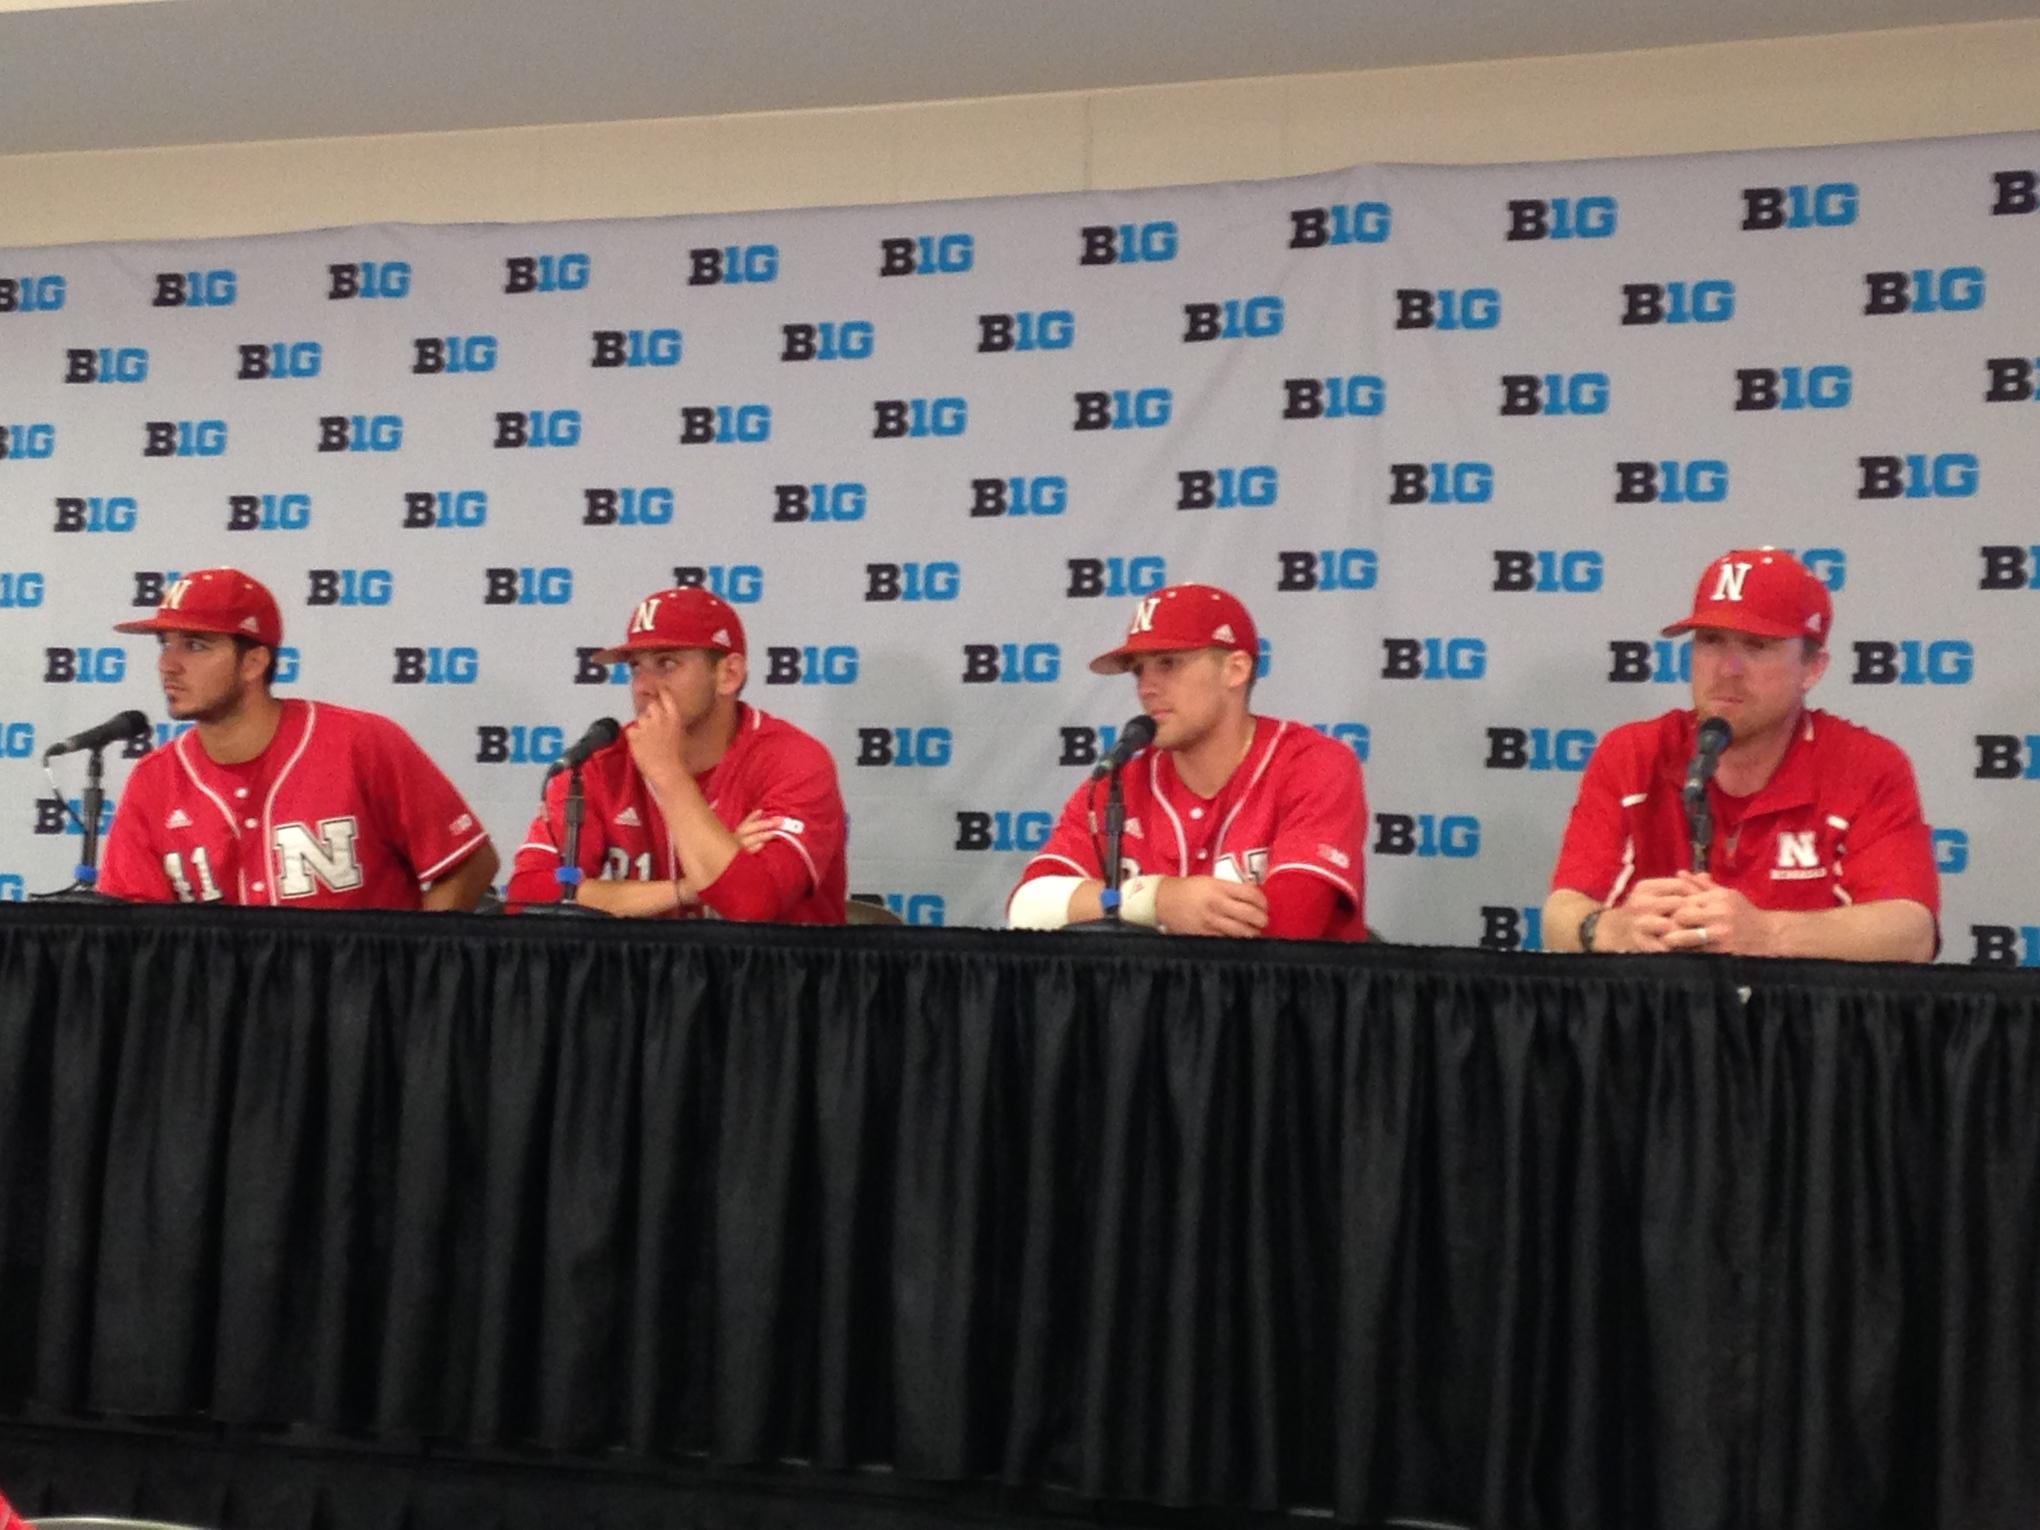 Austin Darby, Tanner Lubach, Kyle Kubat, and Darren Erstad